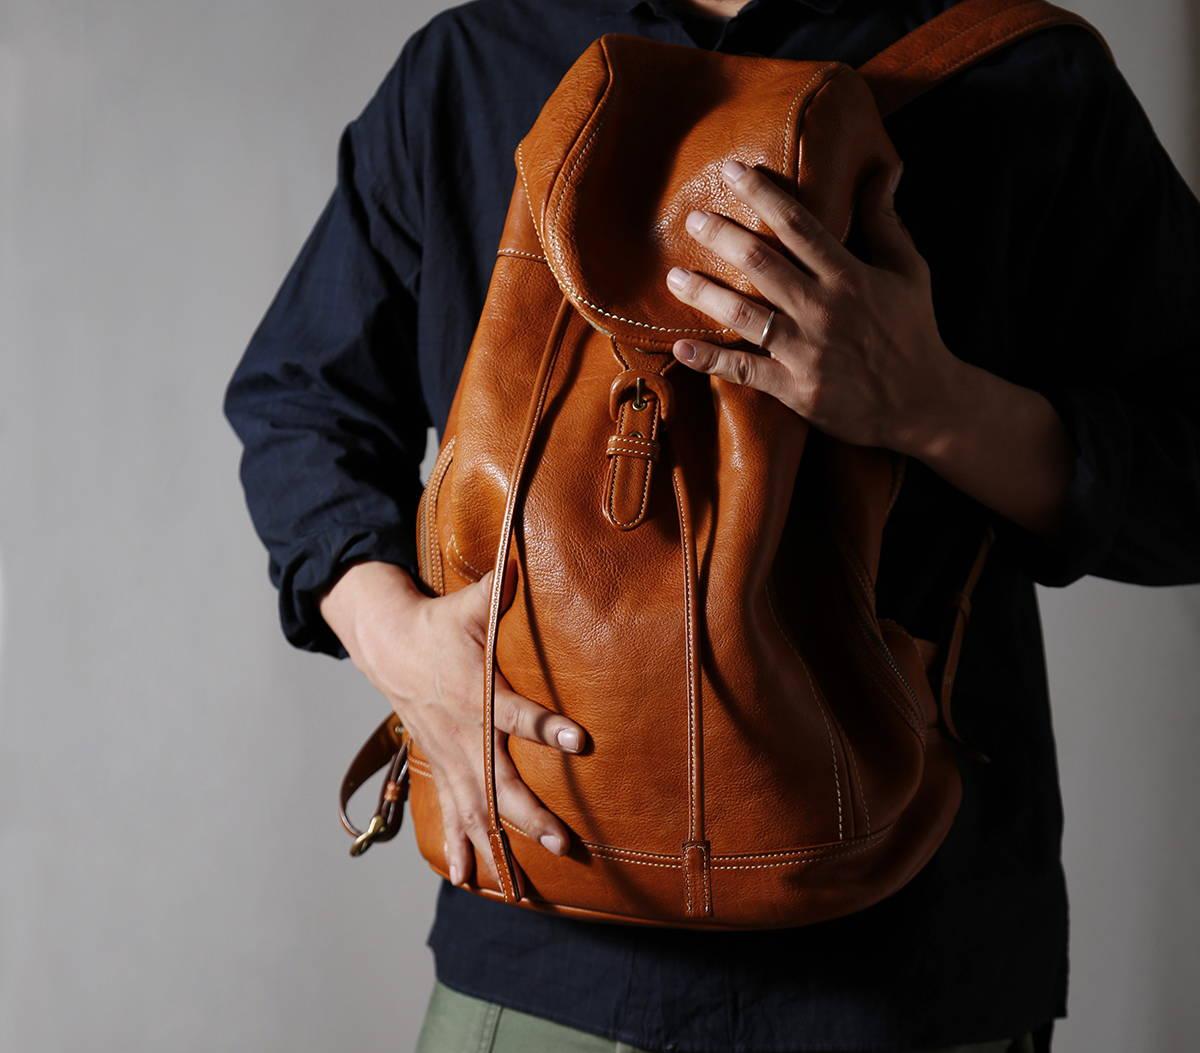 人の手のあたたかさの中で、うまれて、生きる鞄を。